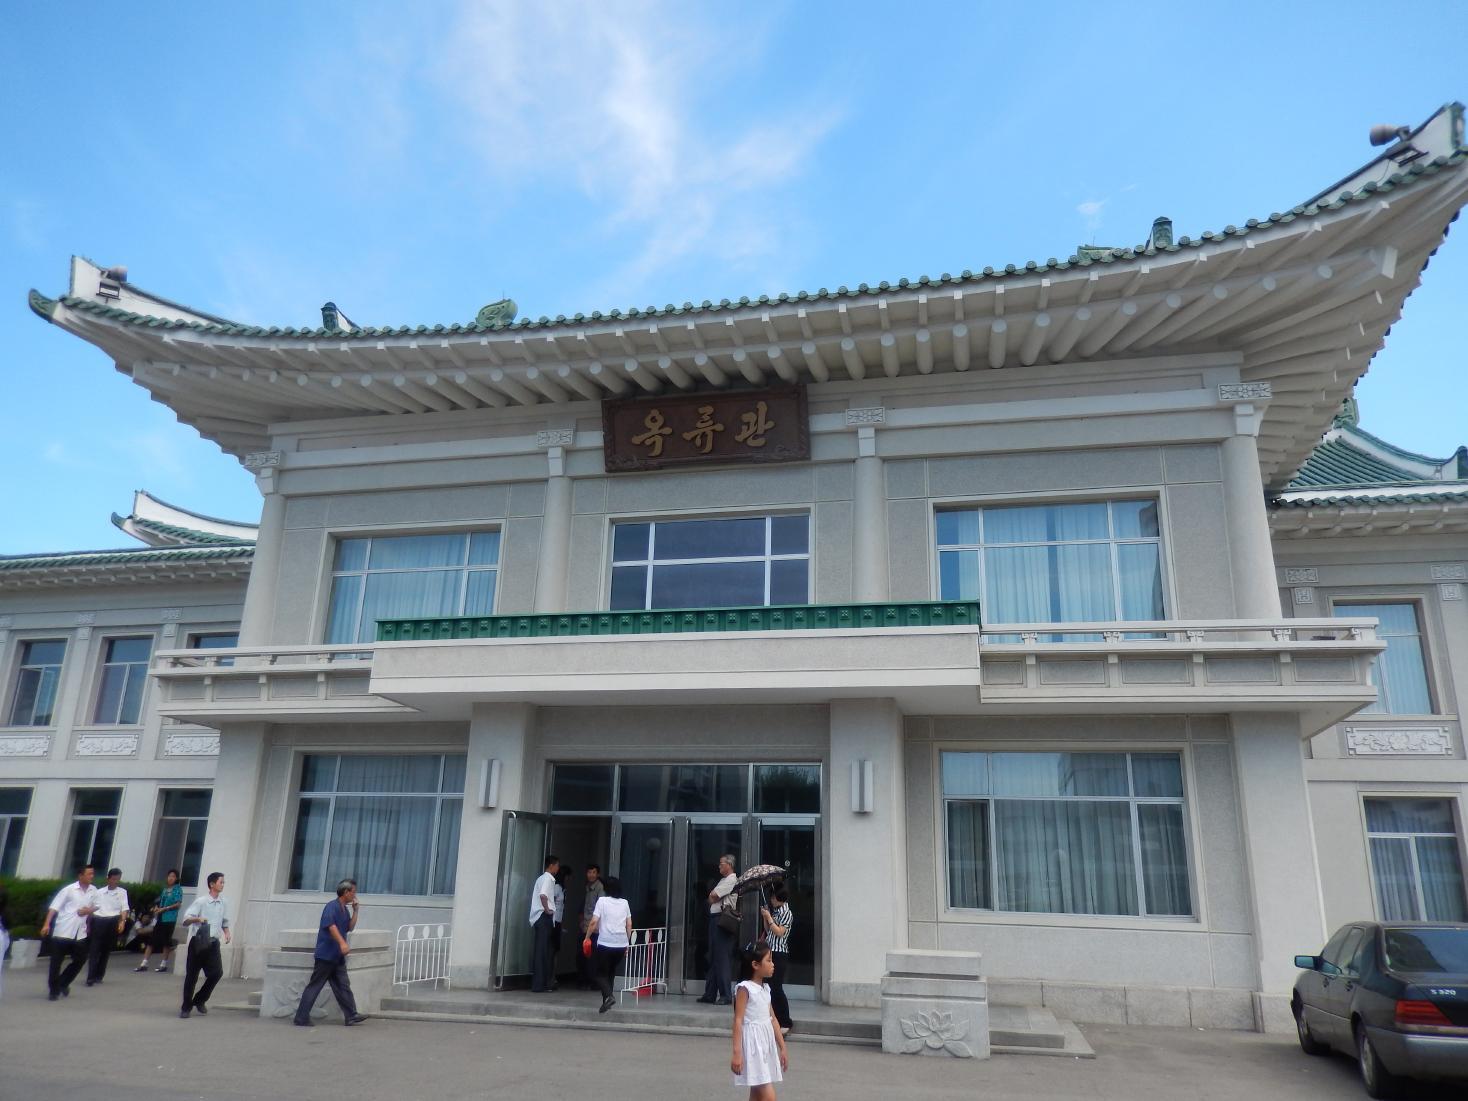 2013年版 北朝鮮のグルメ~5泊6日食事14回のすべて【前編】_b0235153_22421120.jpg